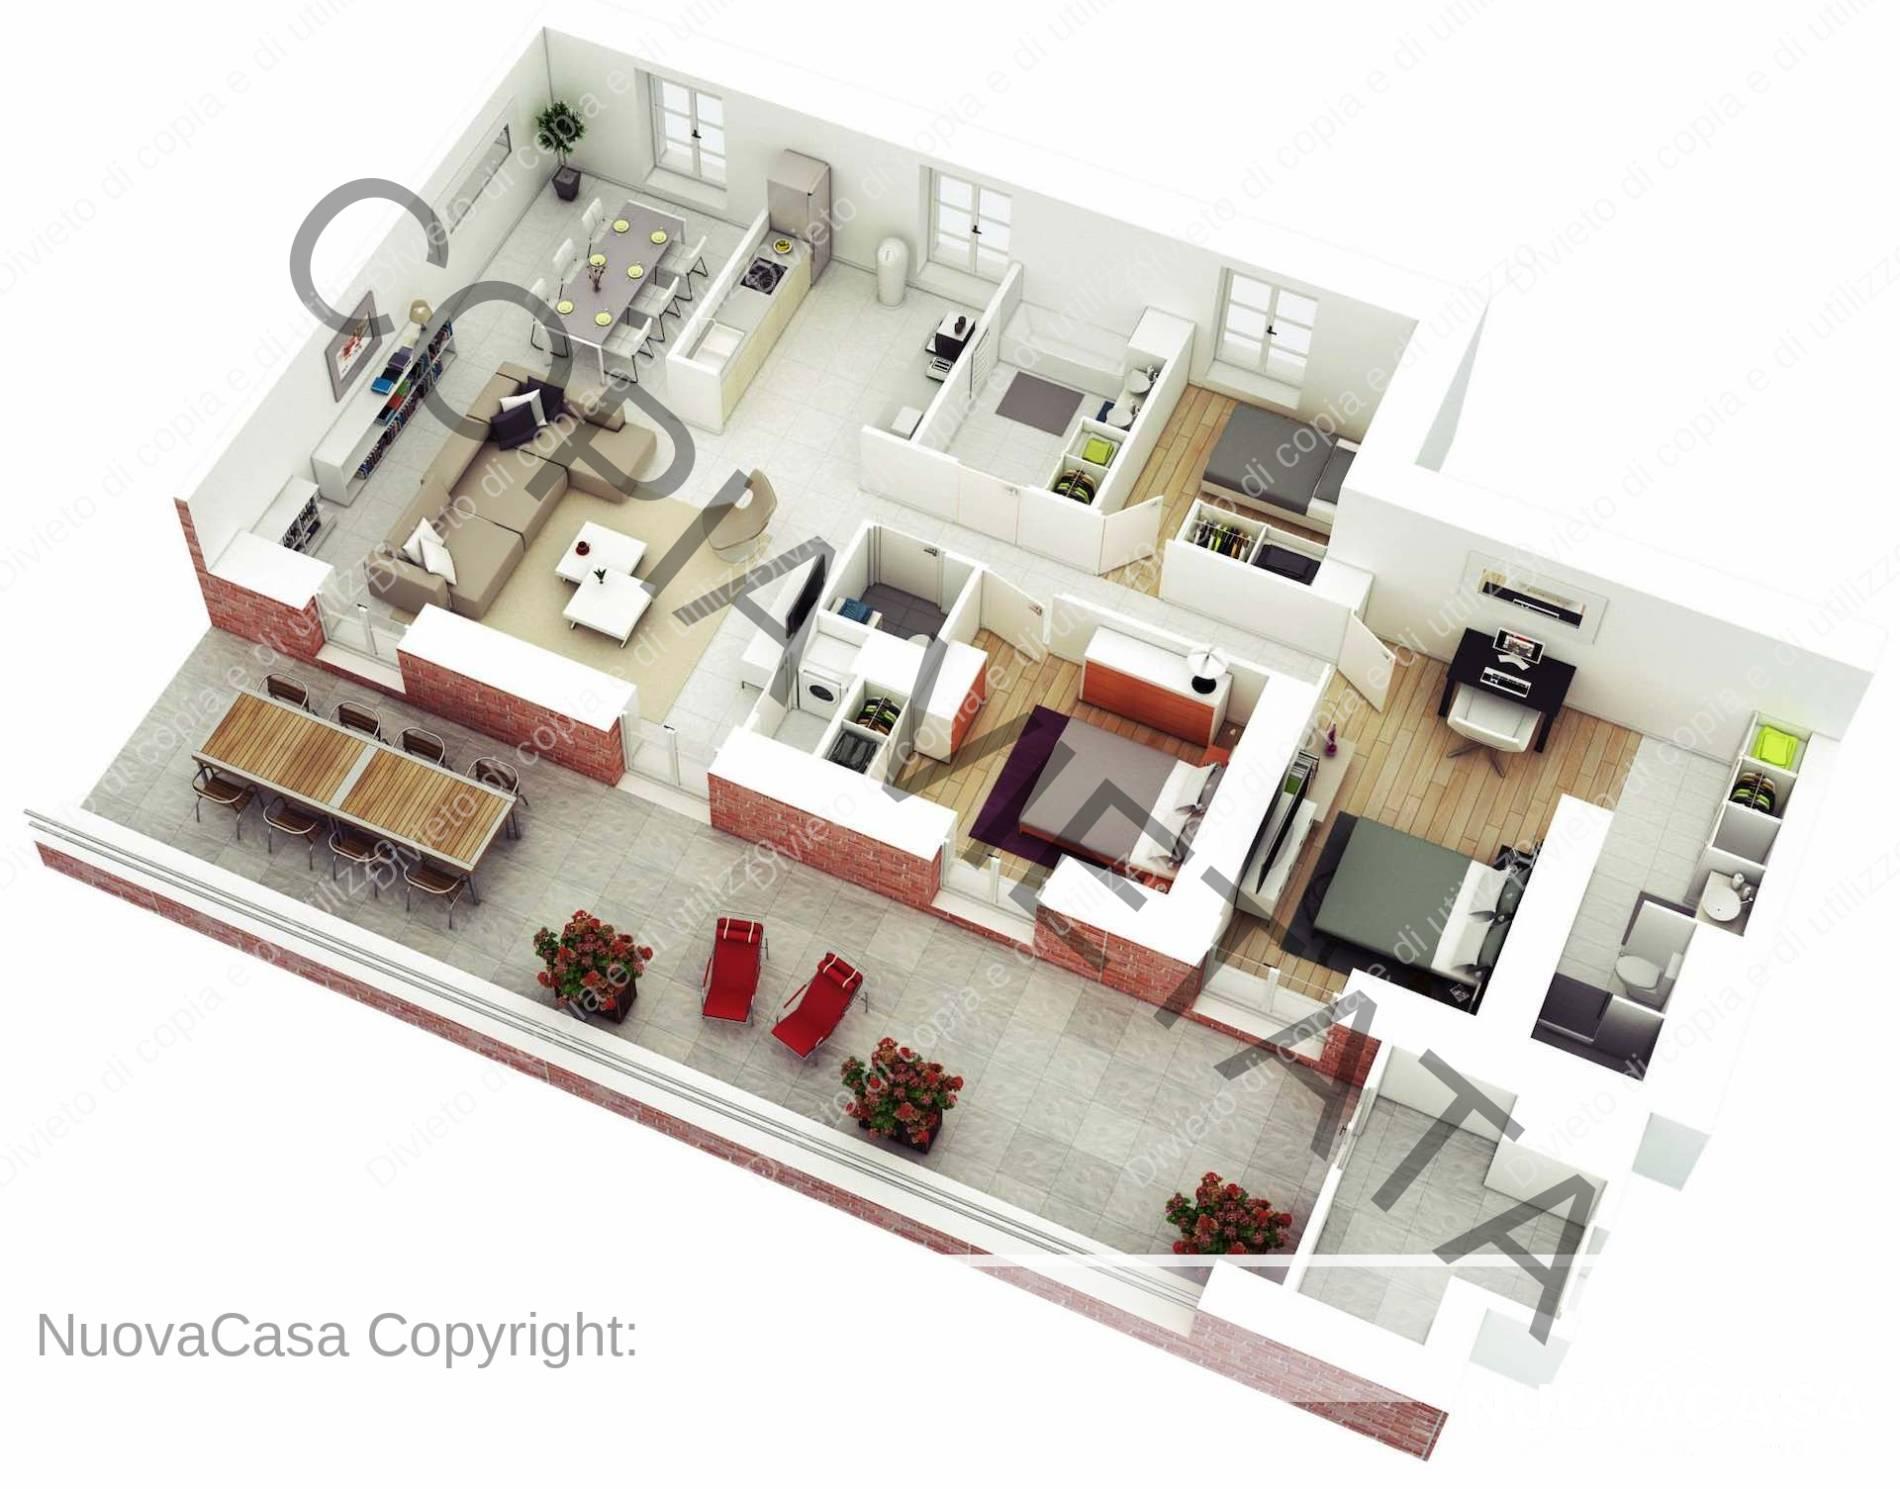 Progettazione casa - Nuova Casa Immobiliare Cagliari